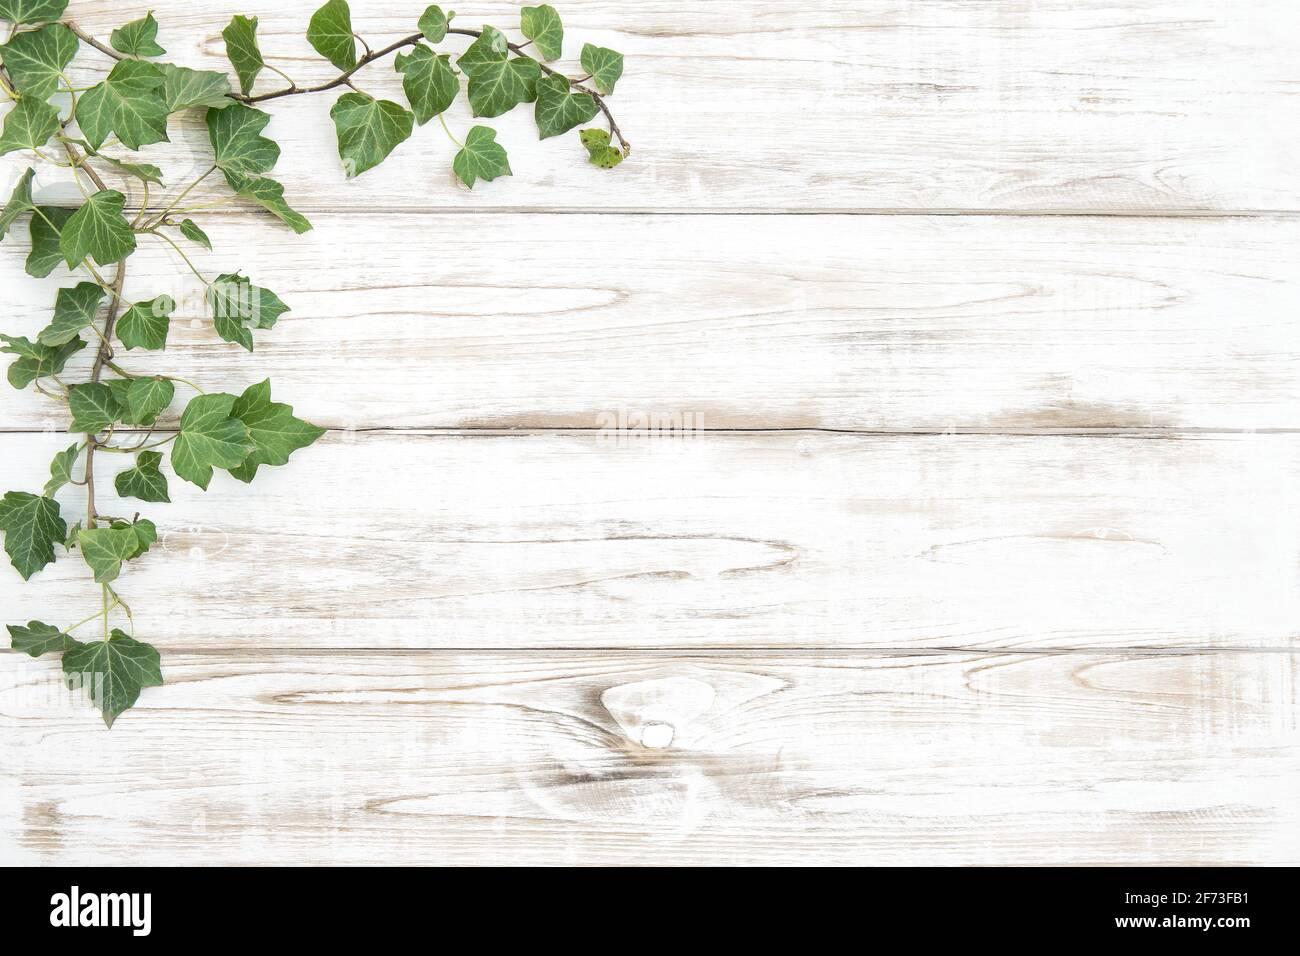 Plantes vertes sur fond en bois clair. Modèle floral Banque D'Images